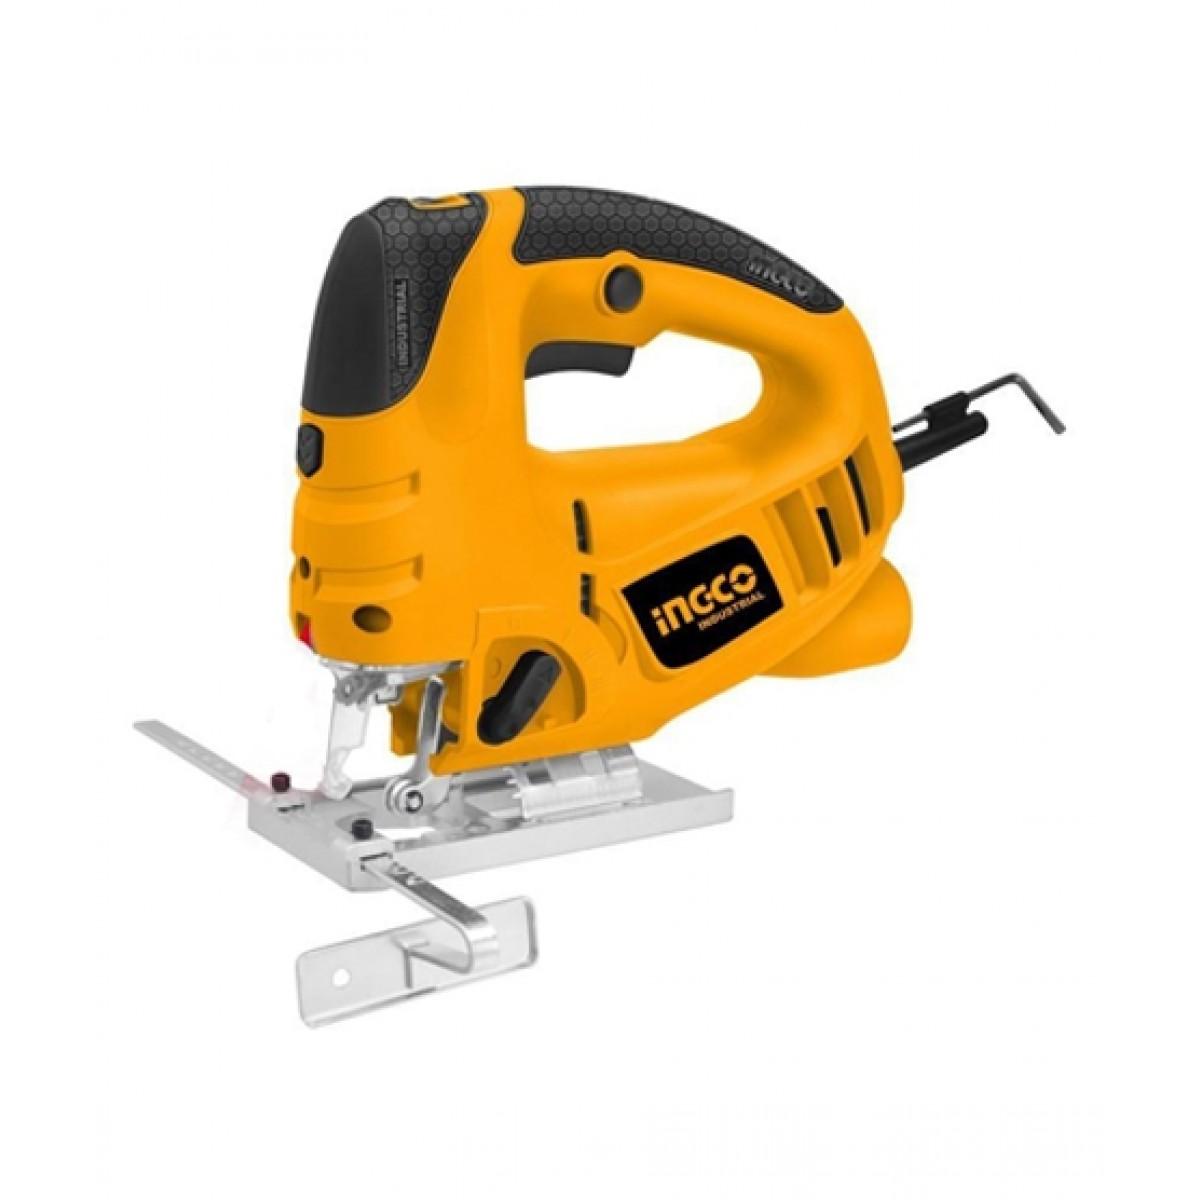 INGCO 560W Jigsaw Yellow (0432)